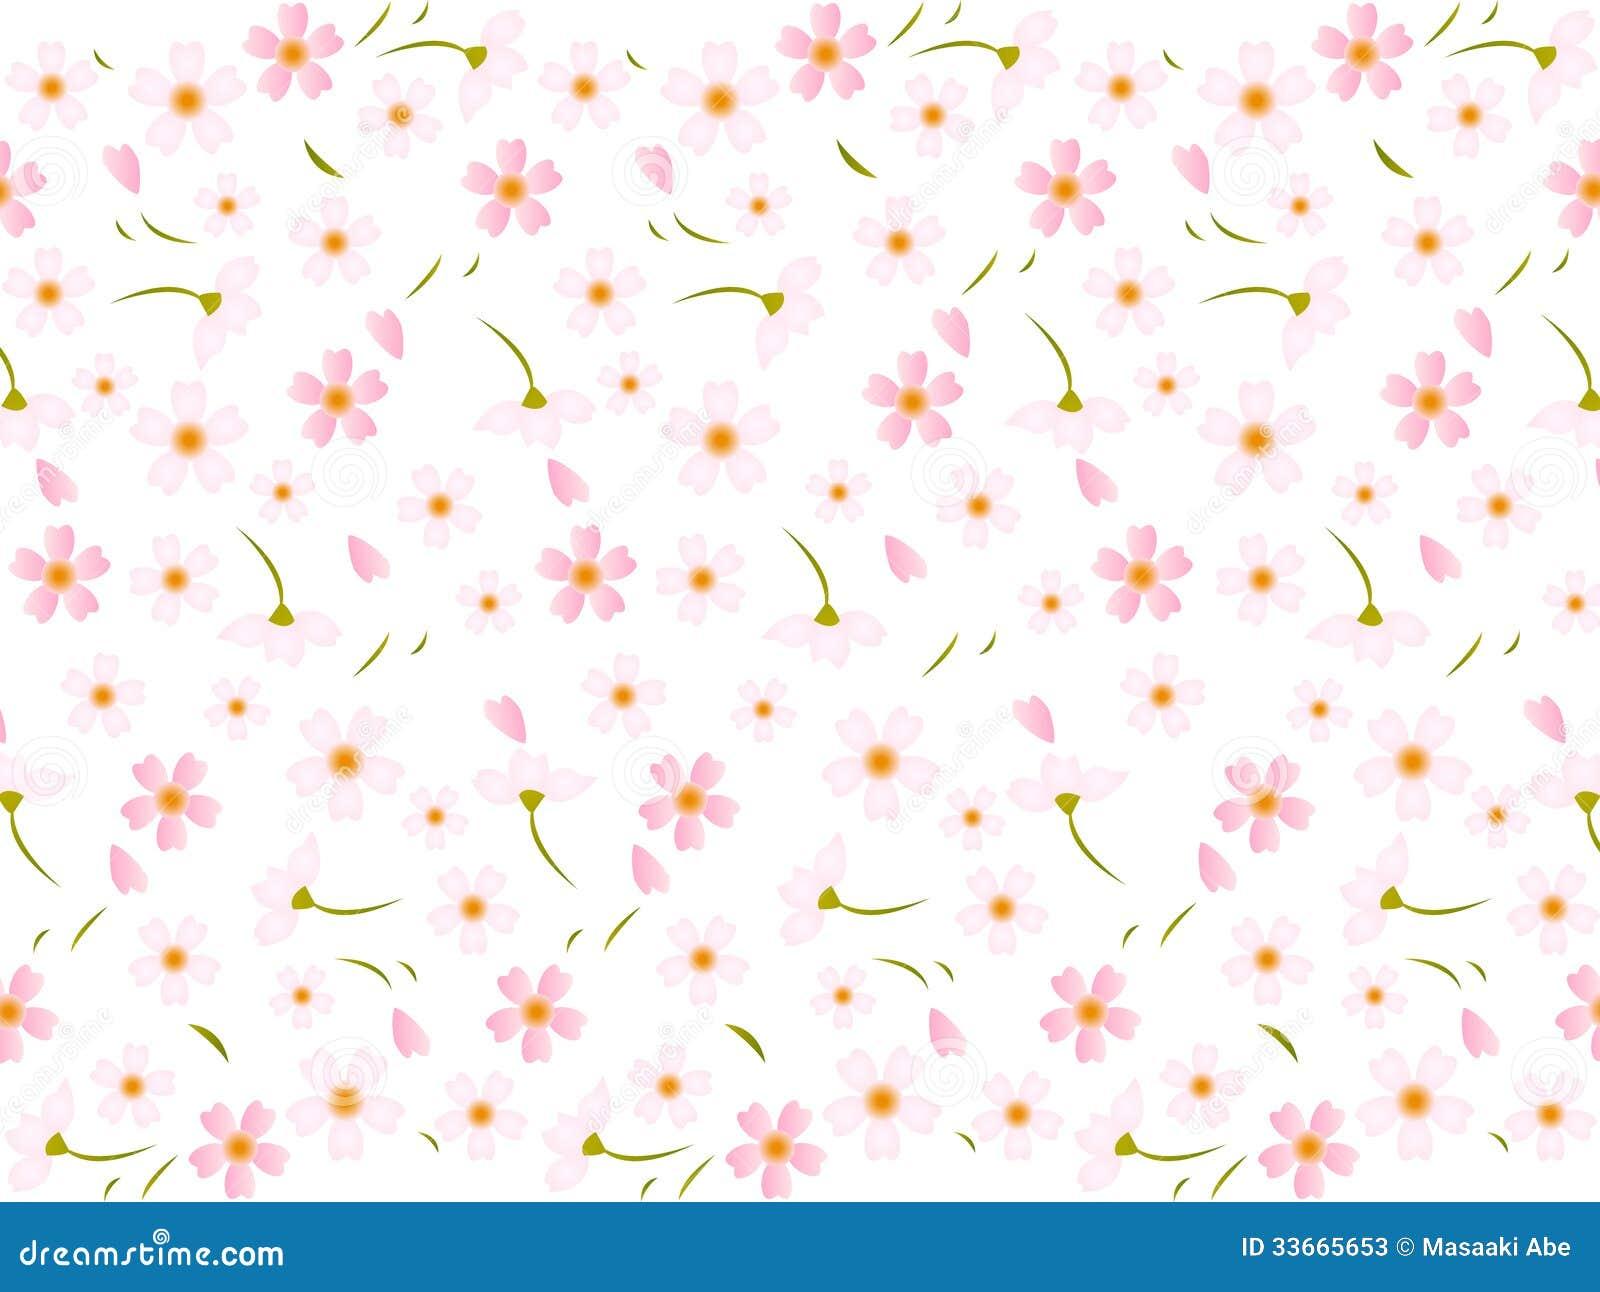 Fundo Cor-de-rosa Das Flores De Cerejeira Da Mola ...